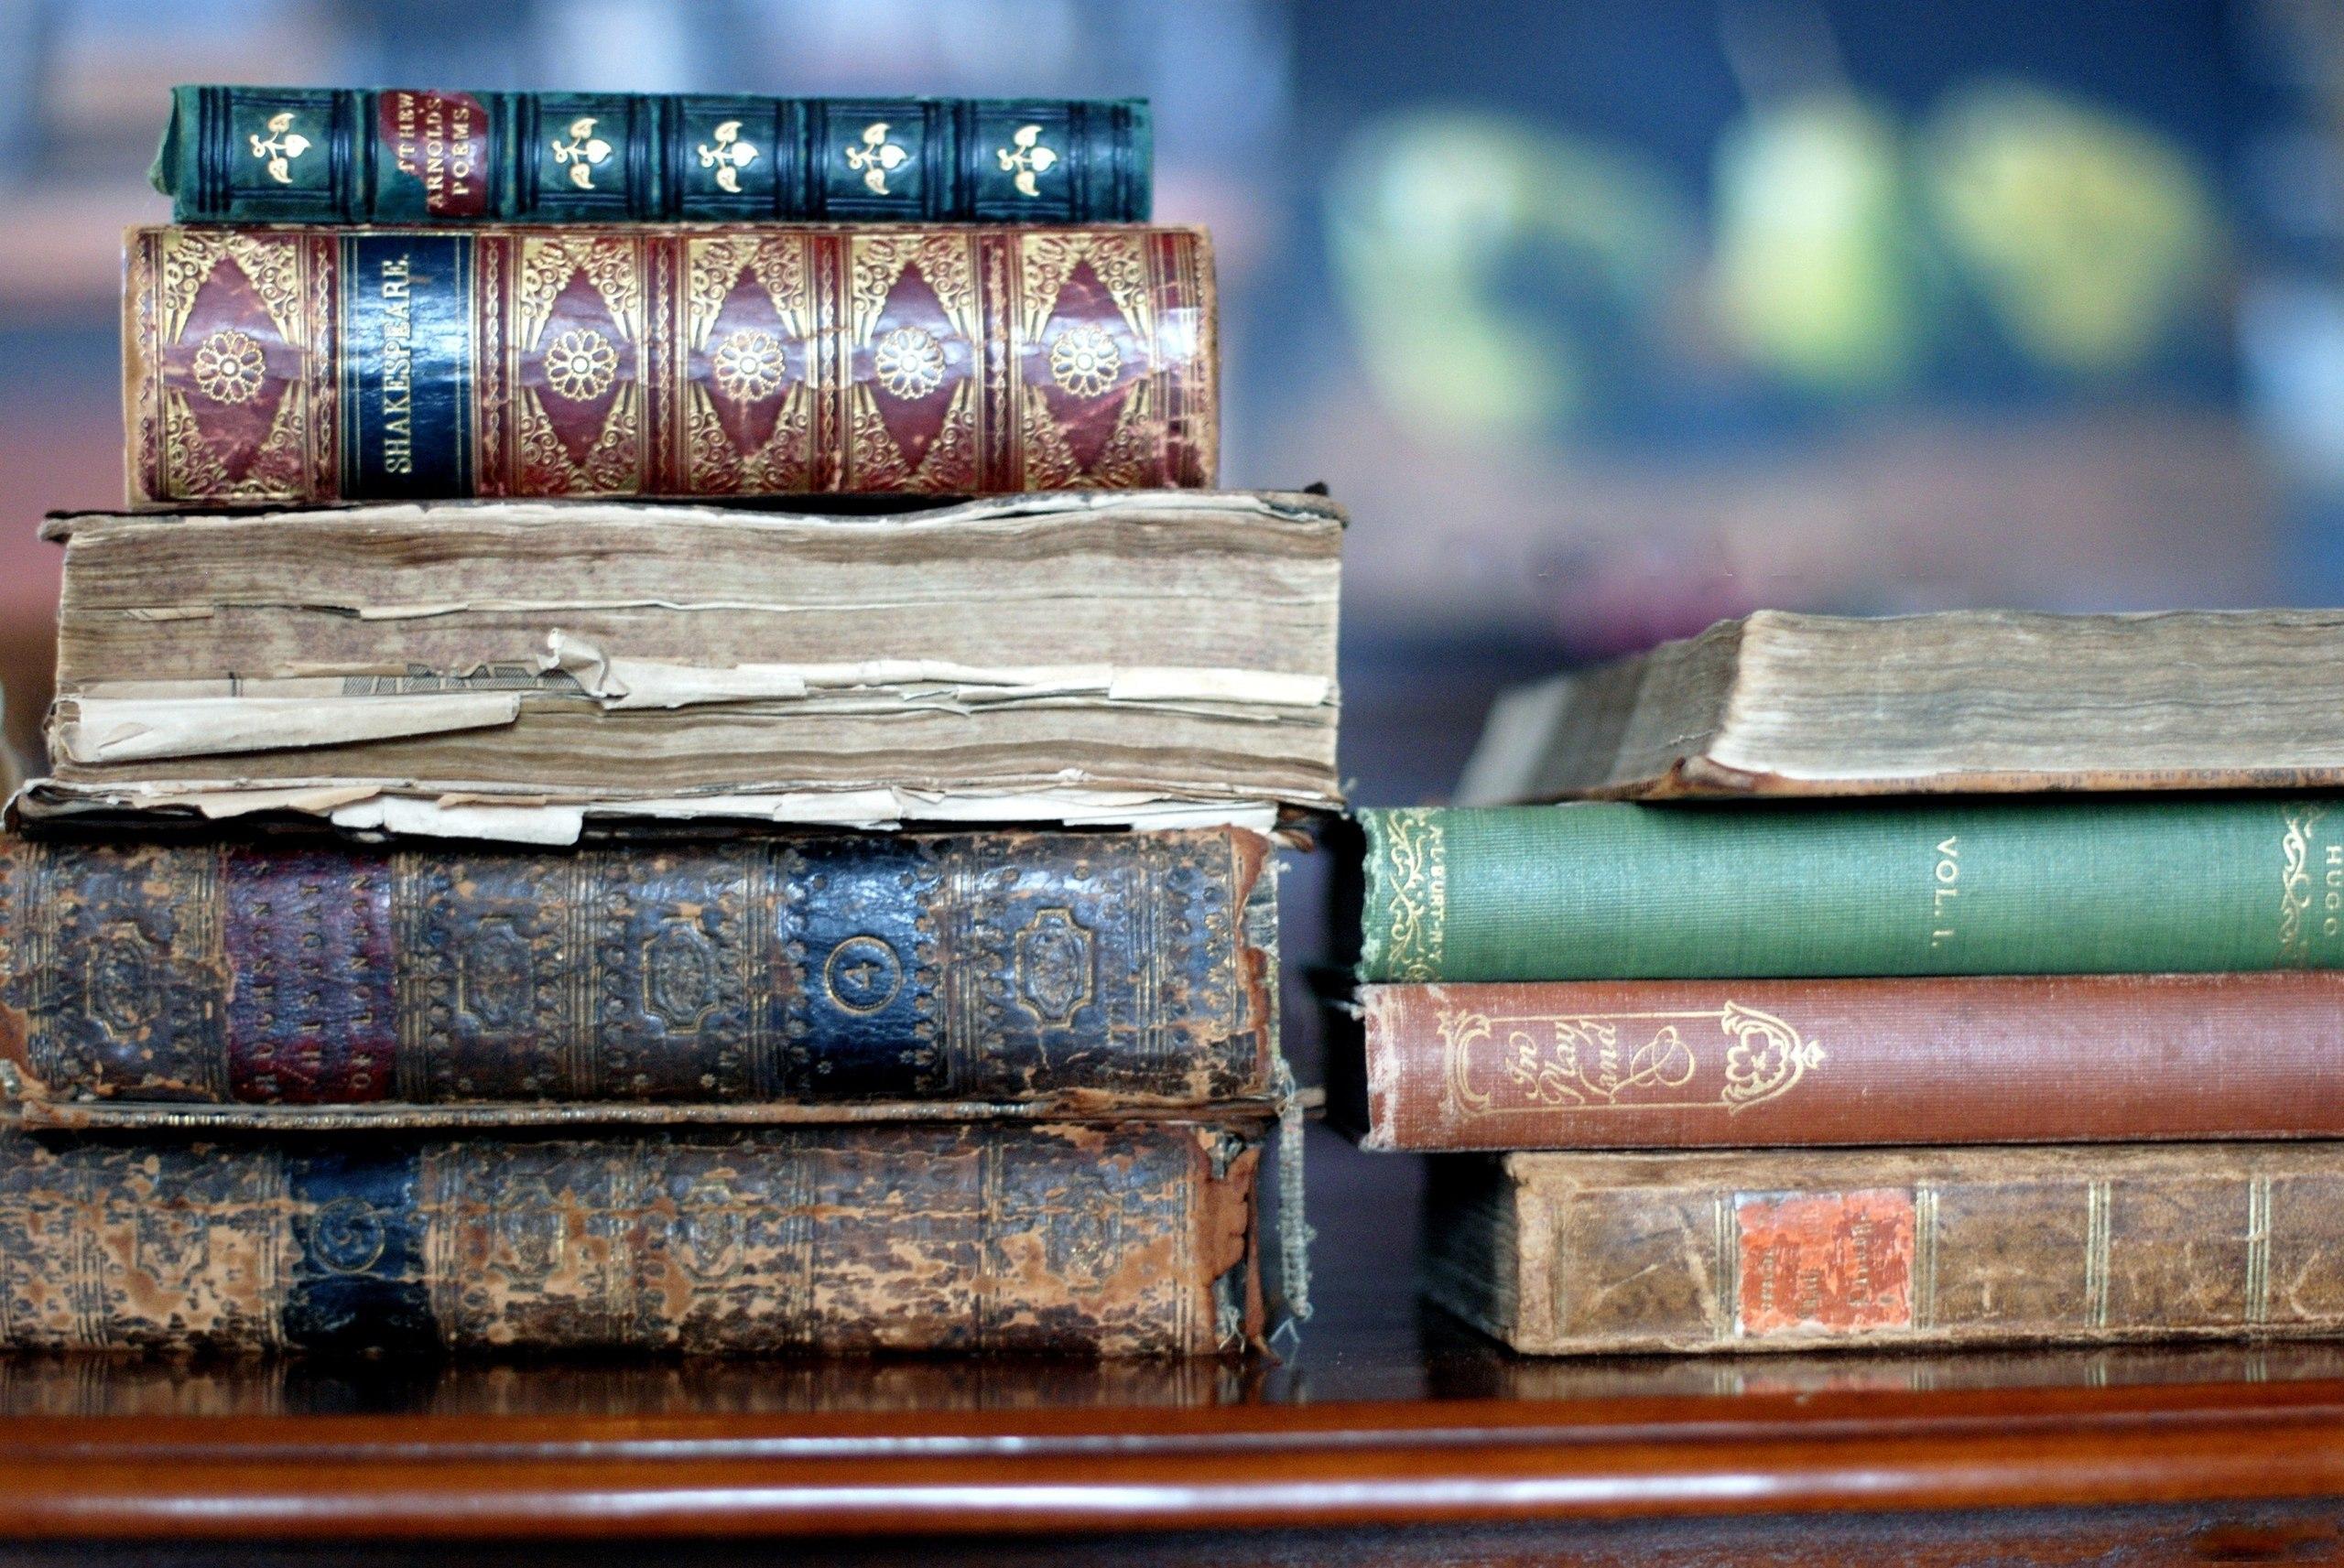 ИМЛИ РАН выложил более 600 редких научных книг в свободный доступ